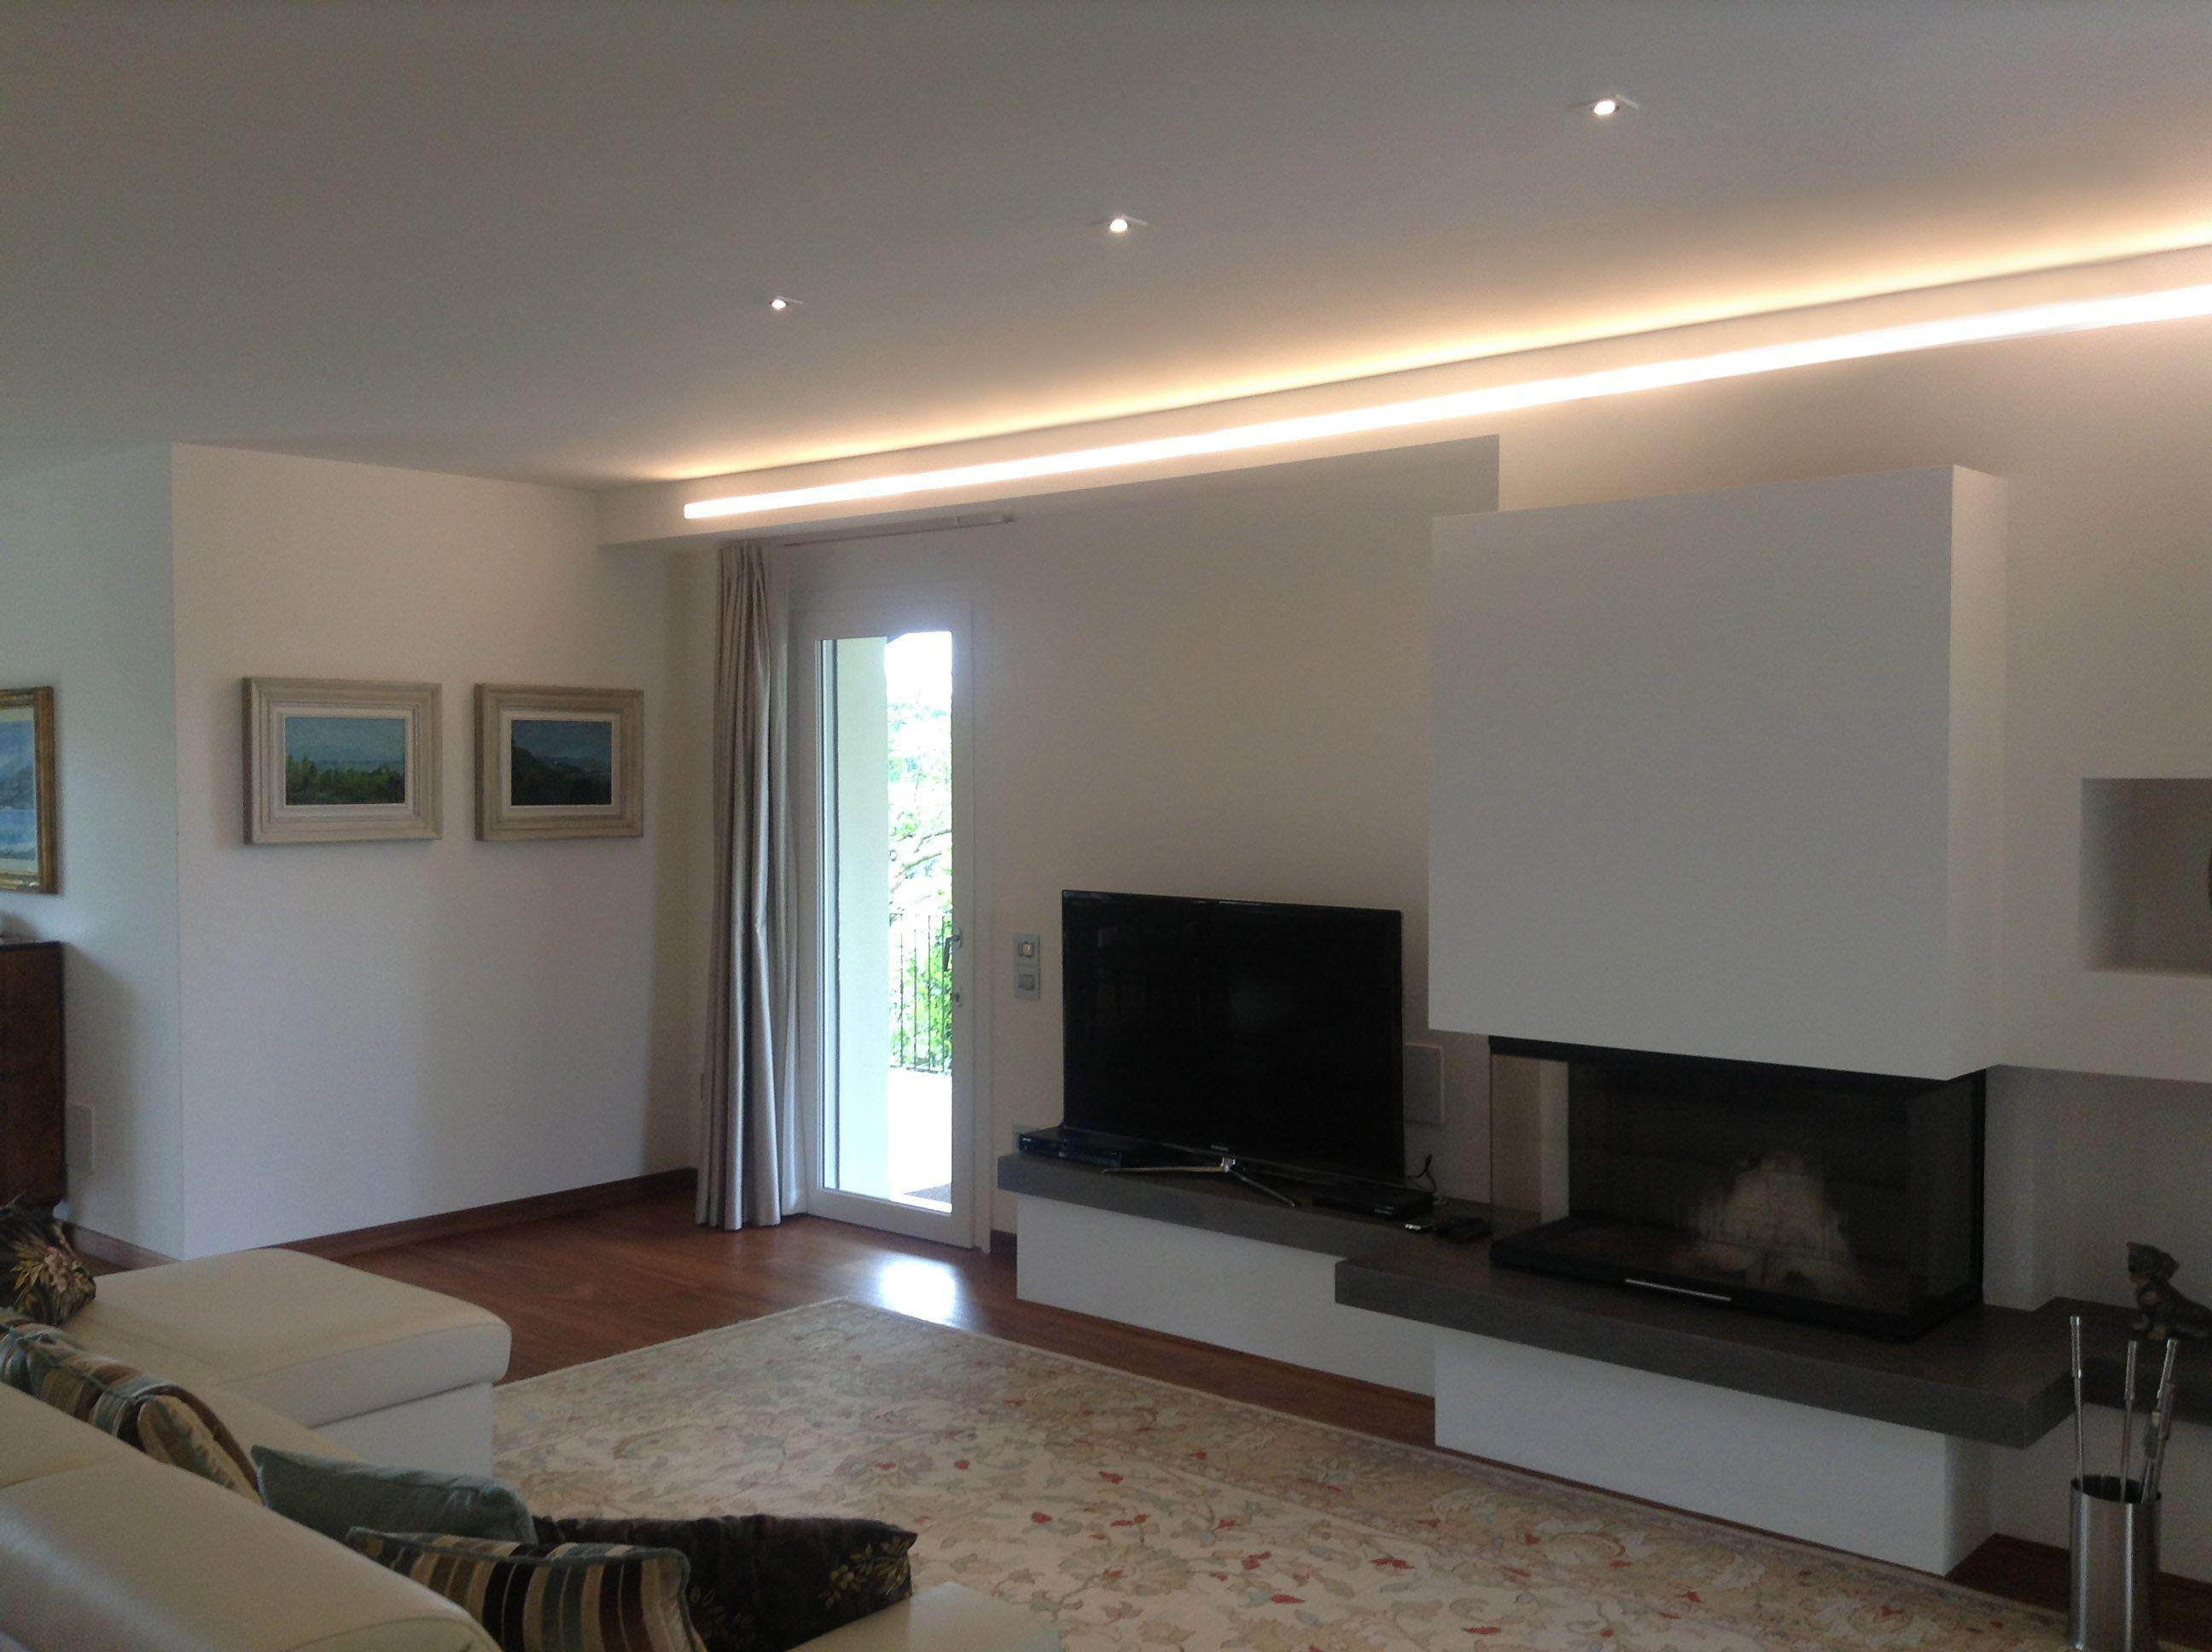 Abitazione privata #illuminazione #soggiorno #tagli #luce #LED ...